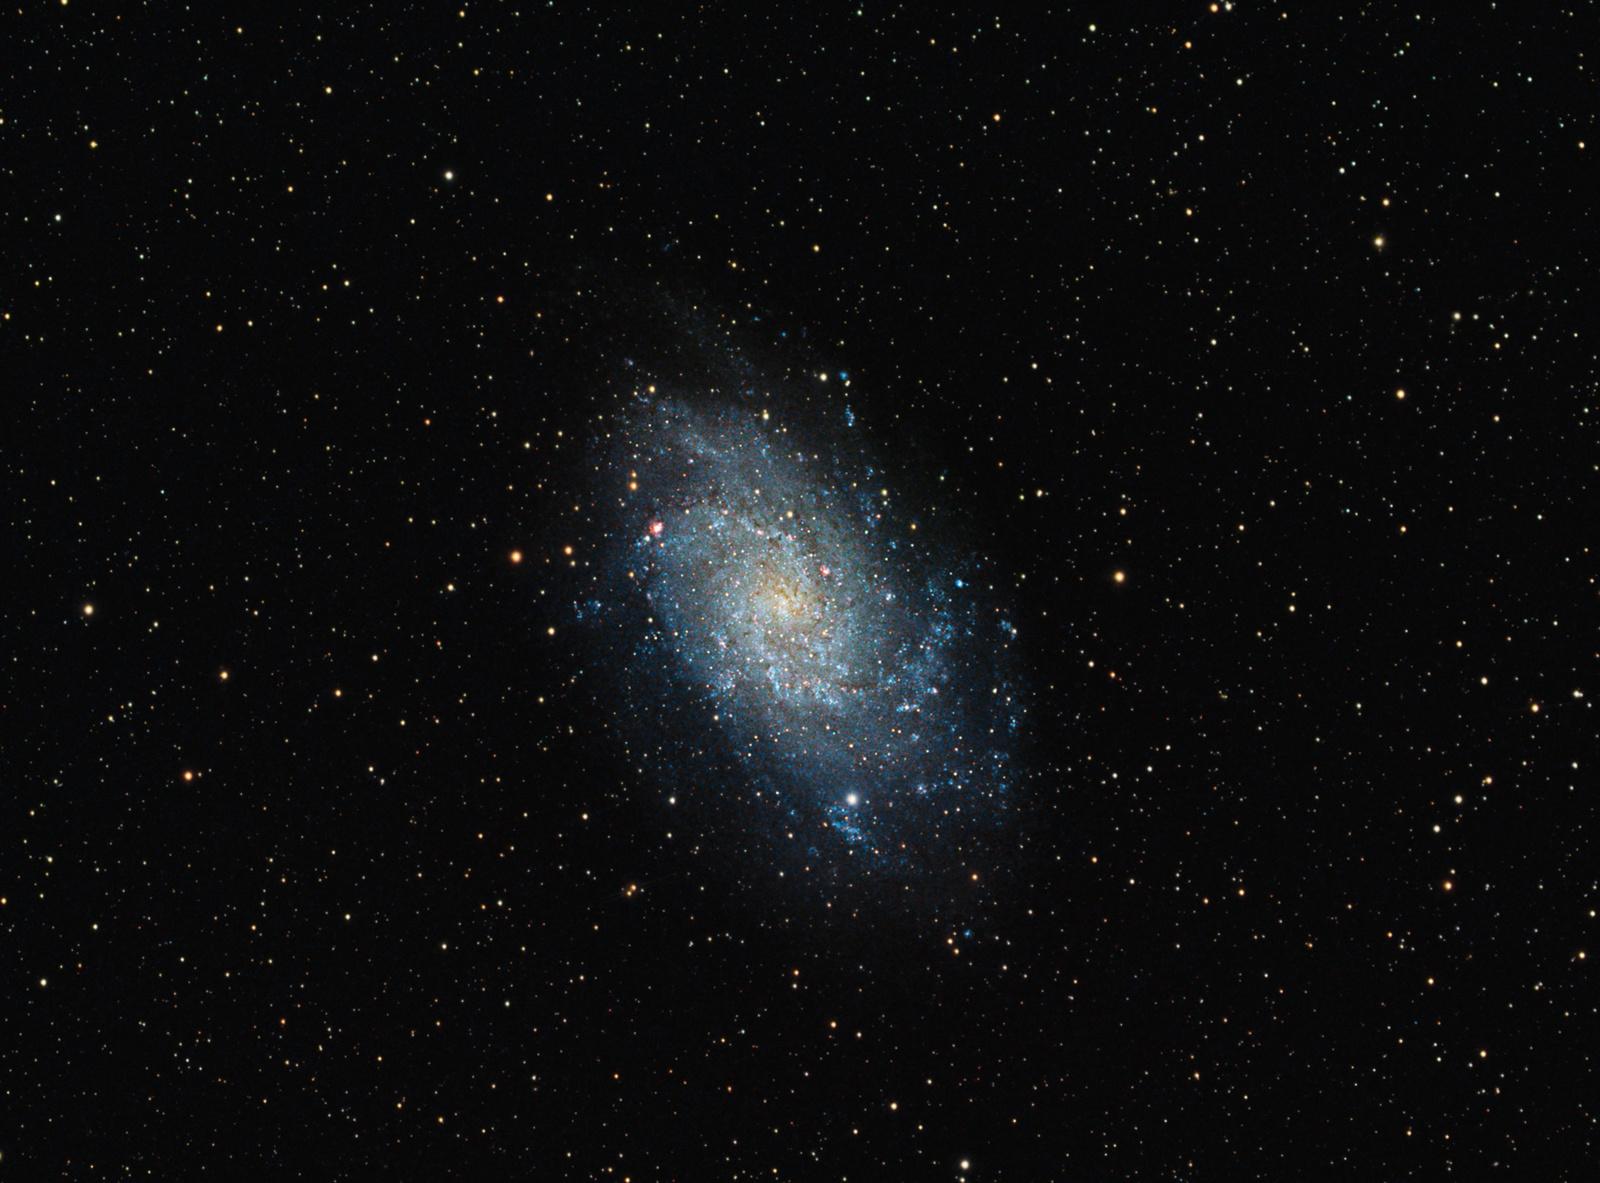 M33_RGB_v1_12_kadr_zmniej.jpg